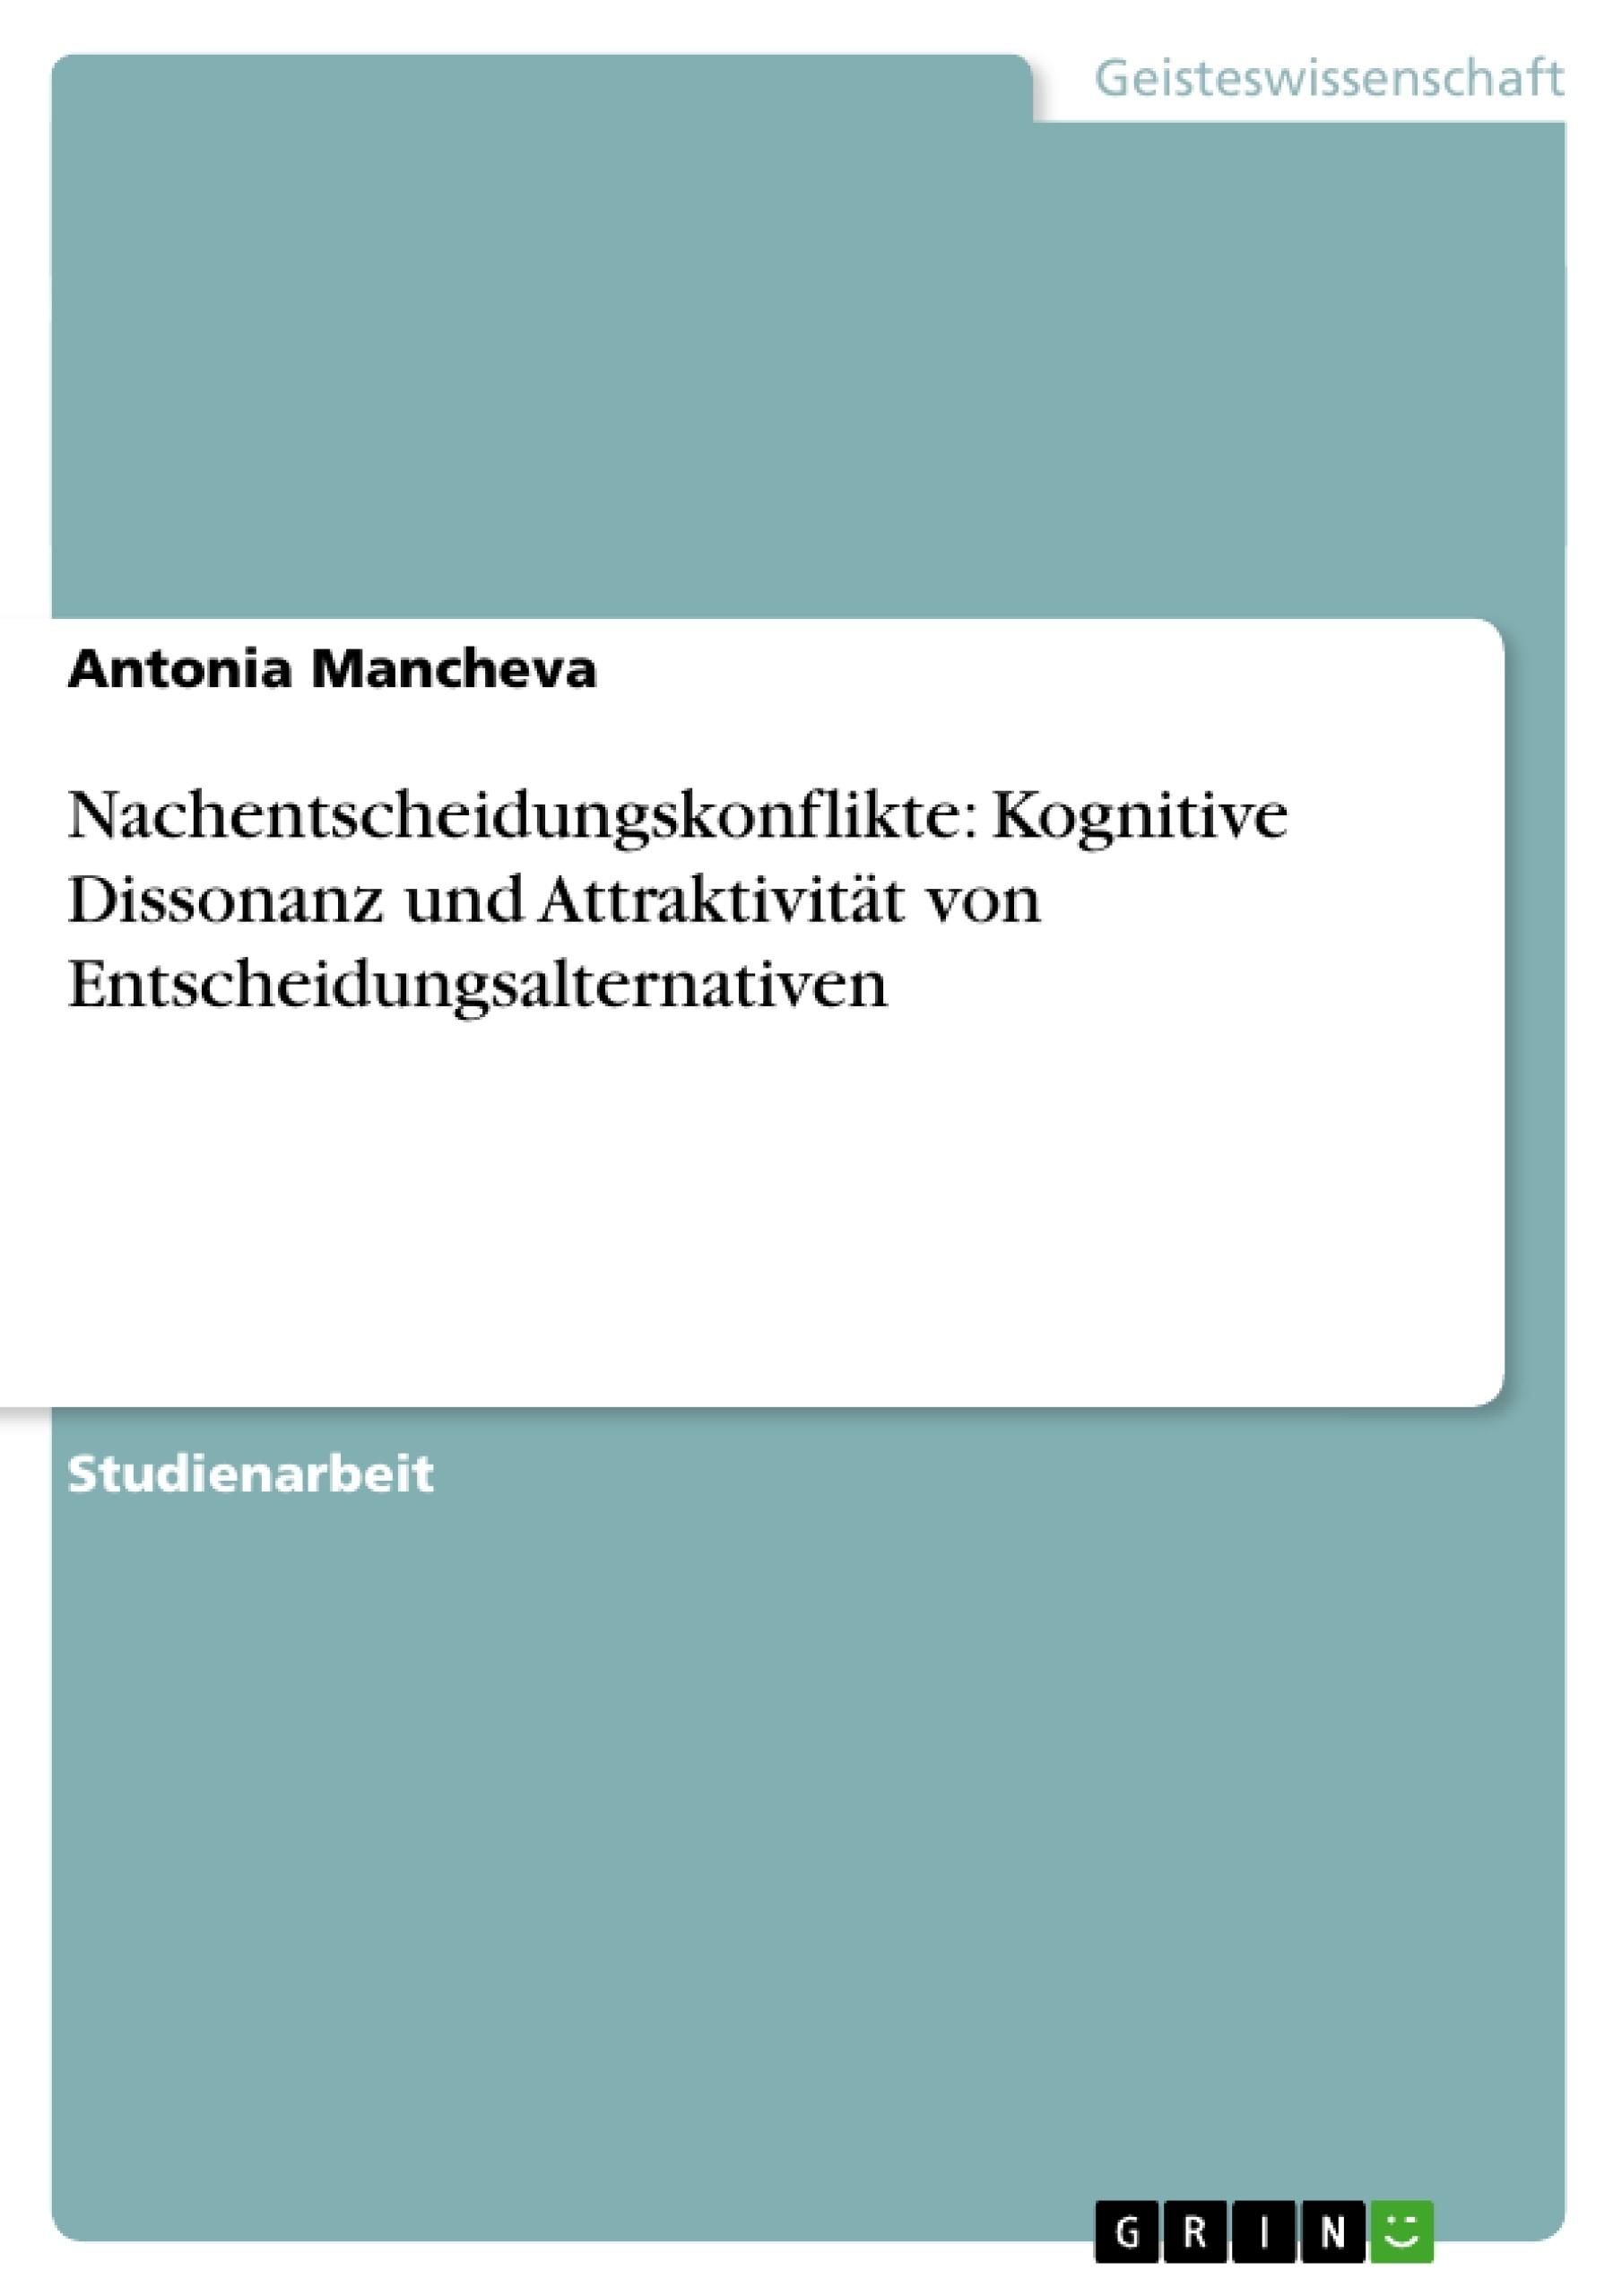 Titel: Nachentscheidungskonflikte: Kognitive Dissonanz und Attraktivität von Entscheidungsalternativen